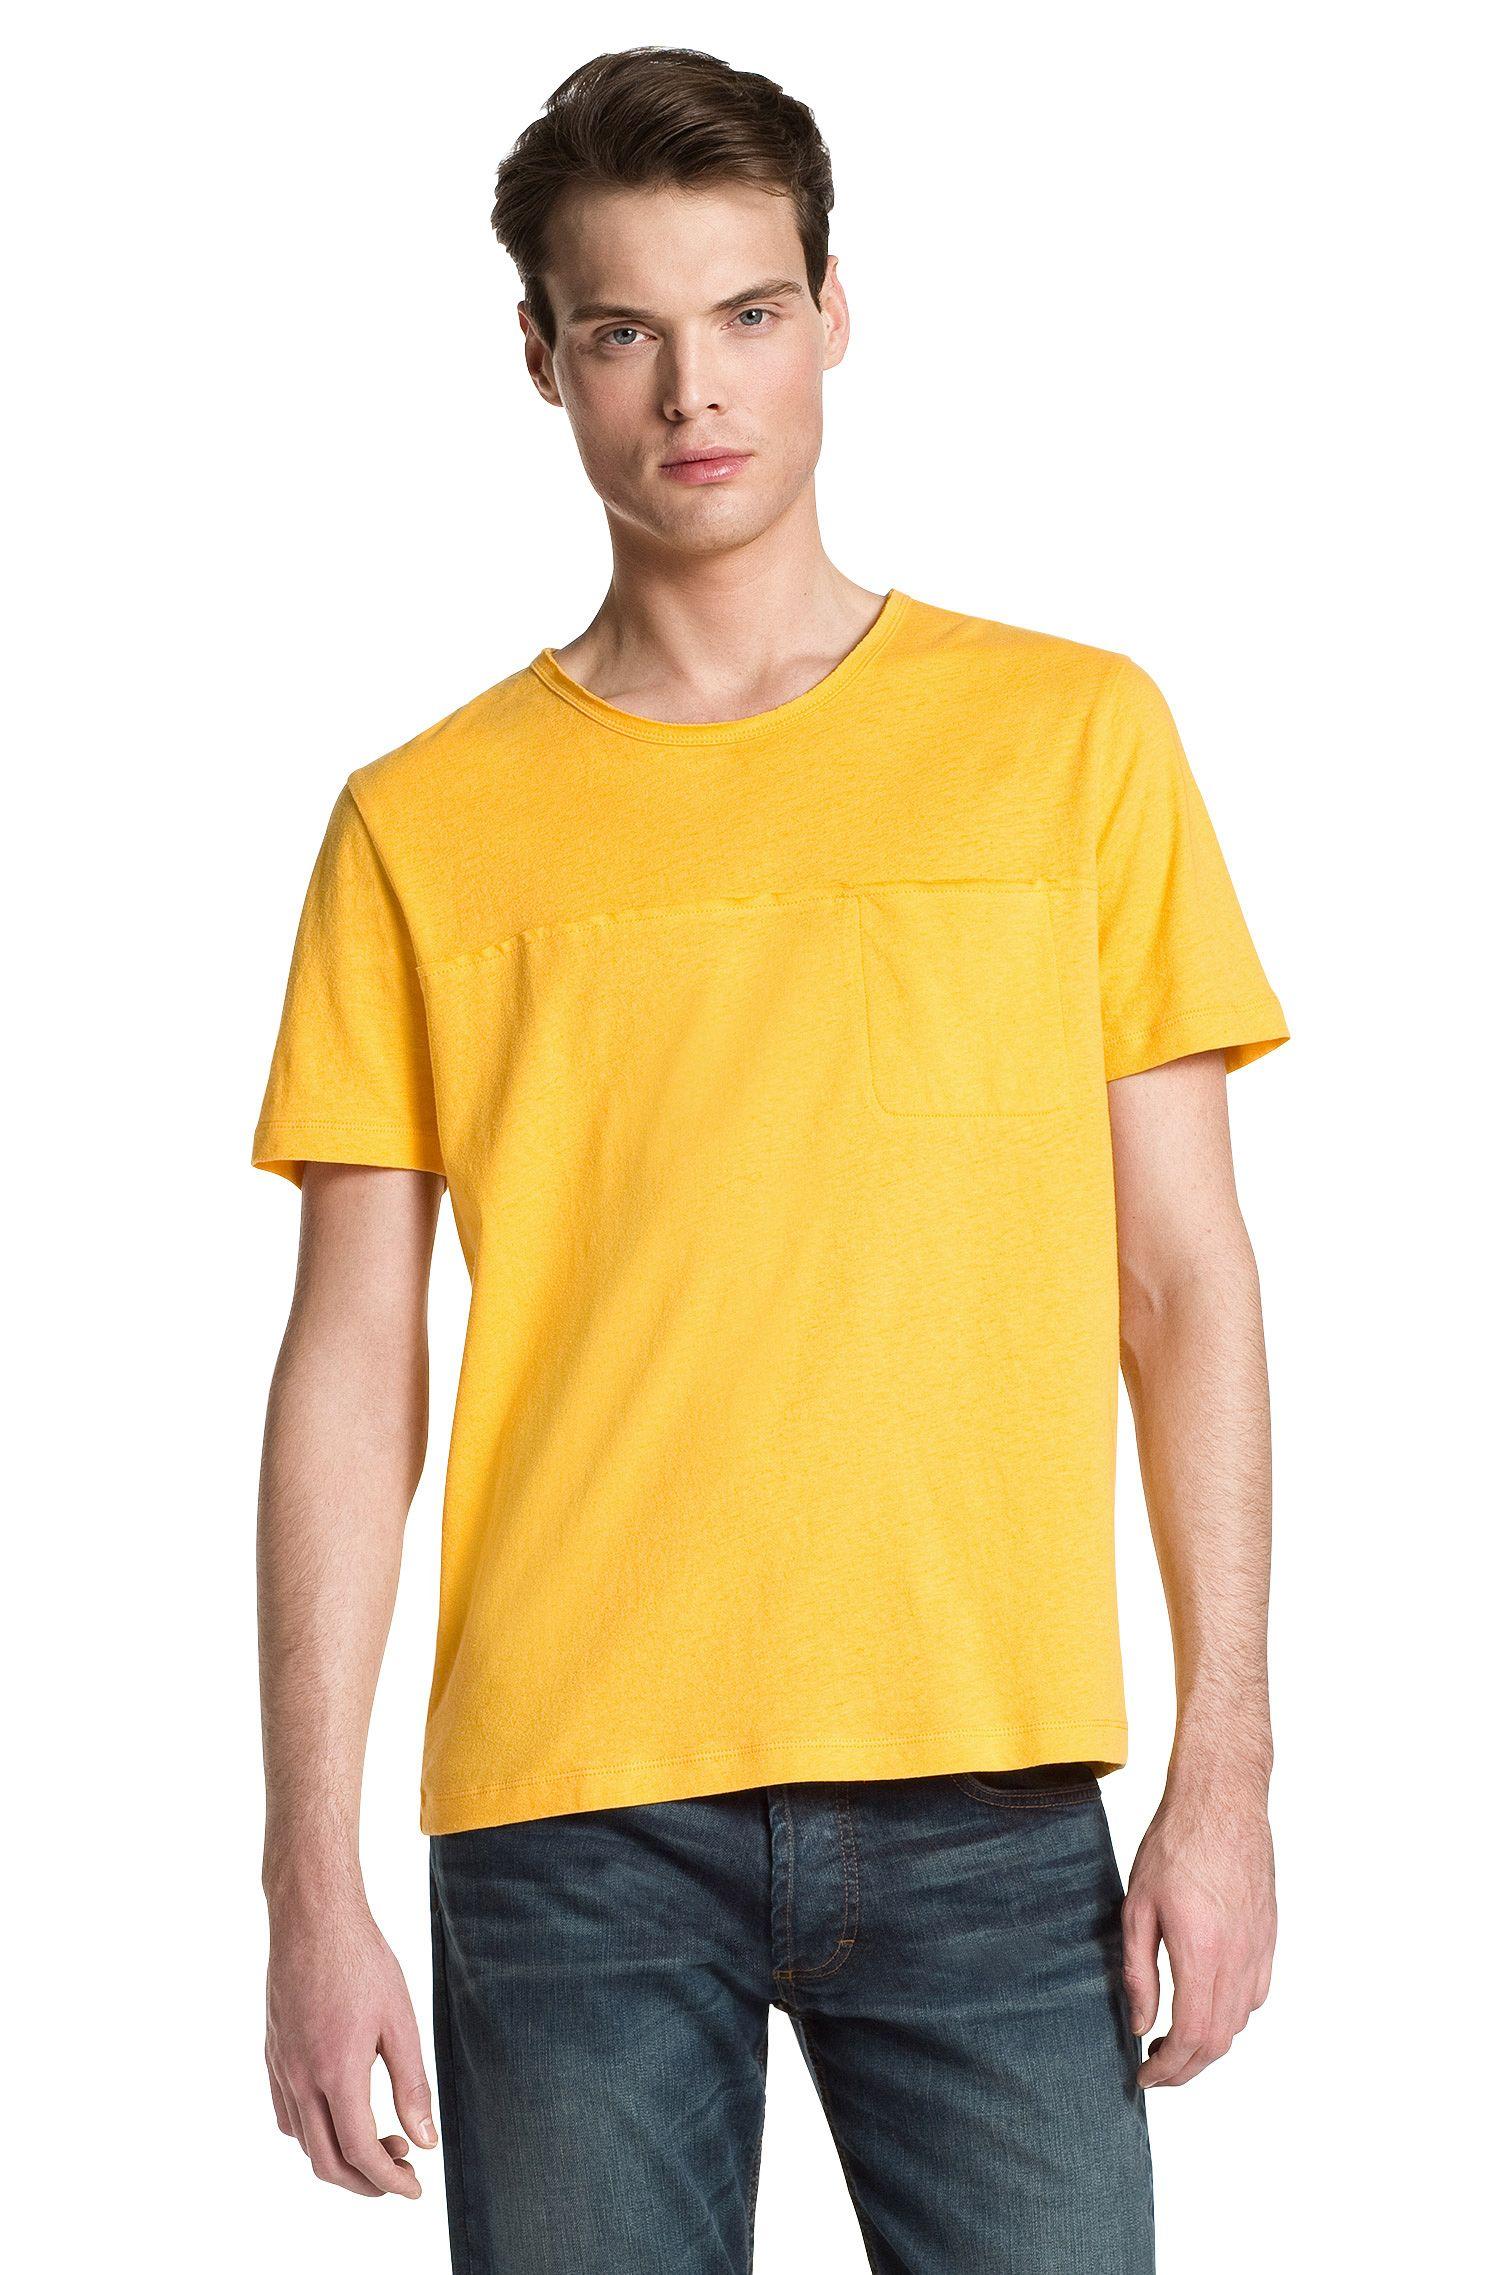 T-Shirt ´Delang` mit Rundhals-Ausschnitt